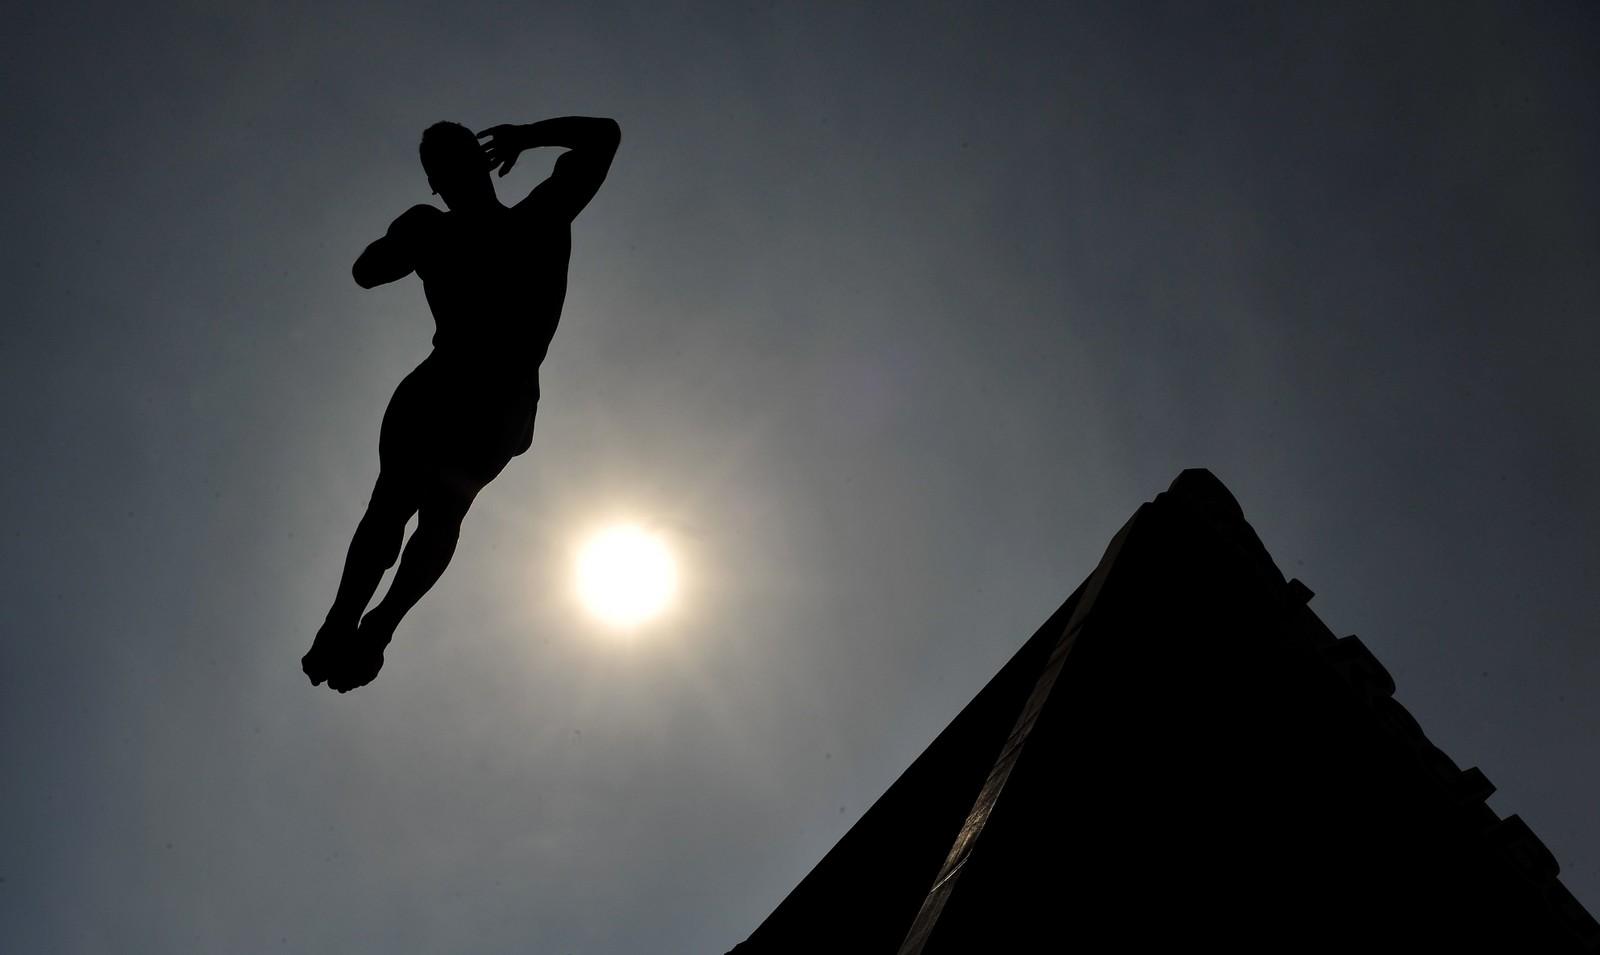 Også denne karen deltar i en stupekonkurranse. Denne finner sted i den bosniske byen Mostar, og deltakerne hopper fra byens velkjente, 28 meter høye bro over elva Neretva.